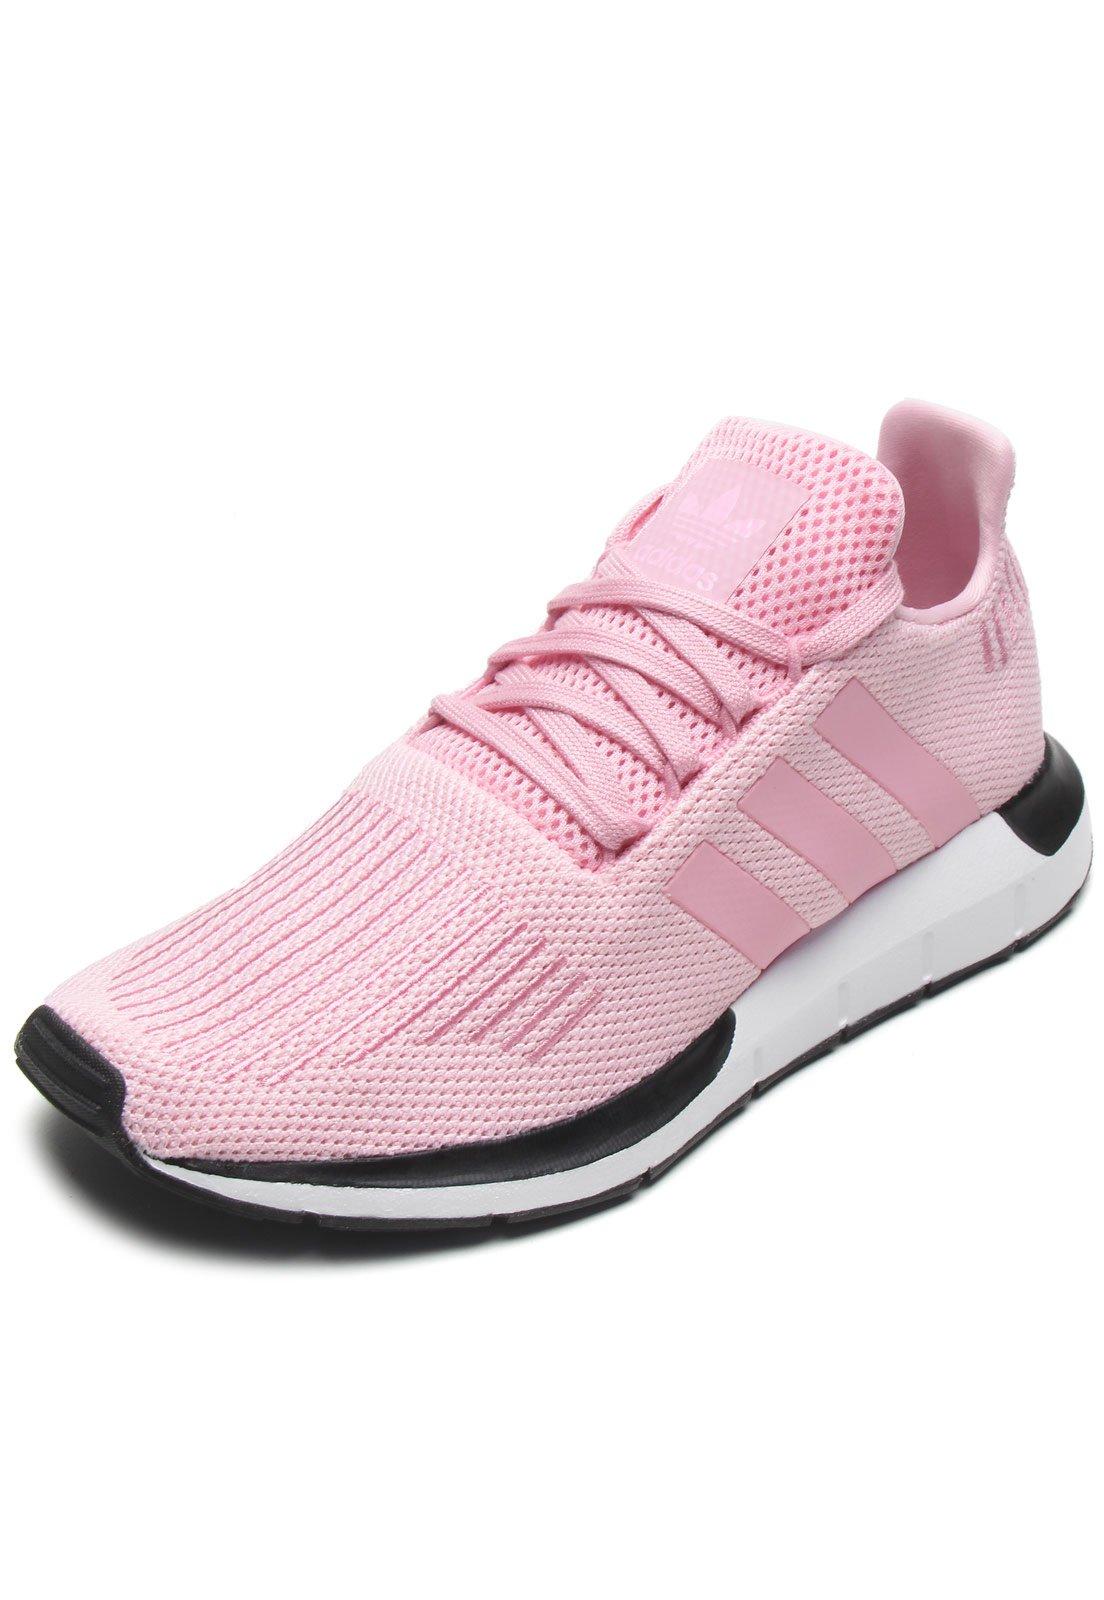 loja da adidas ana rosa